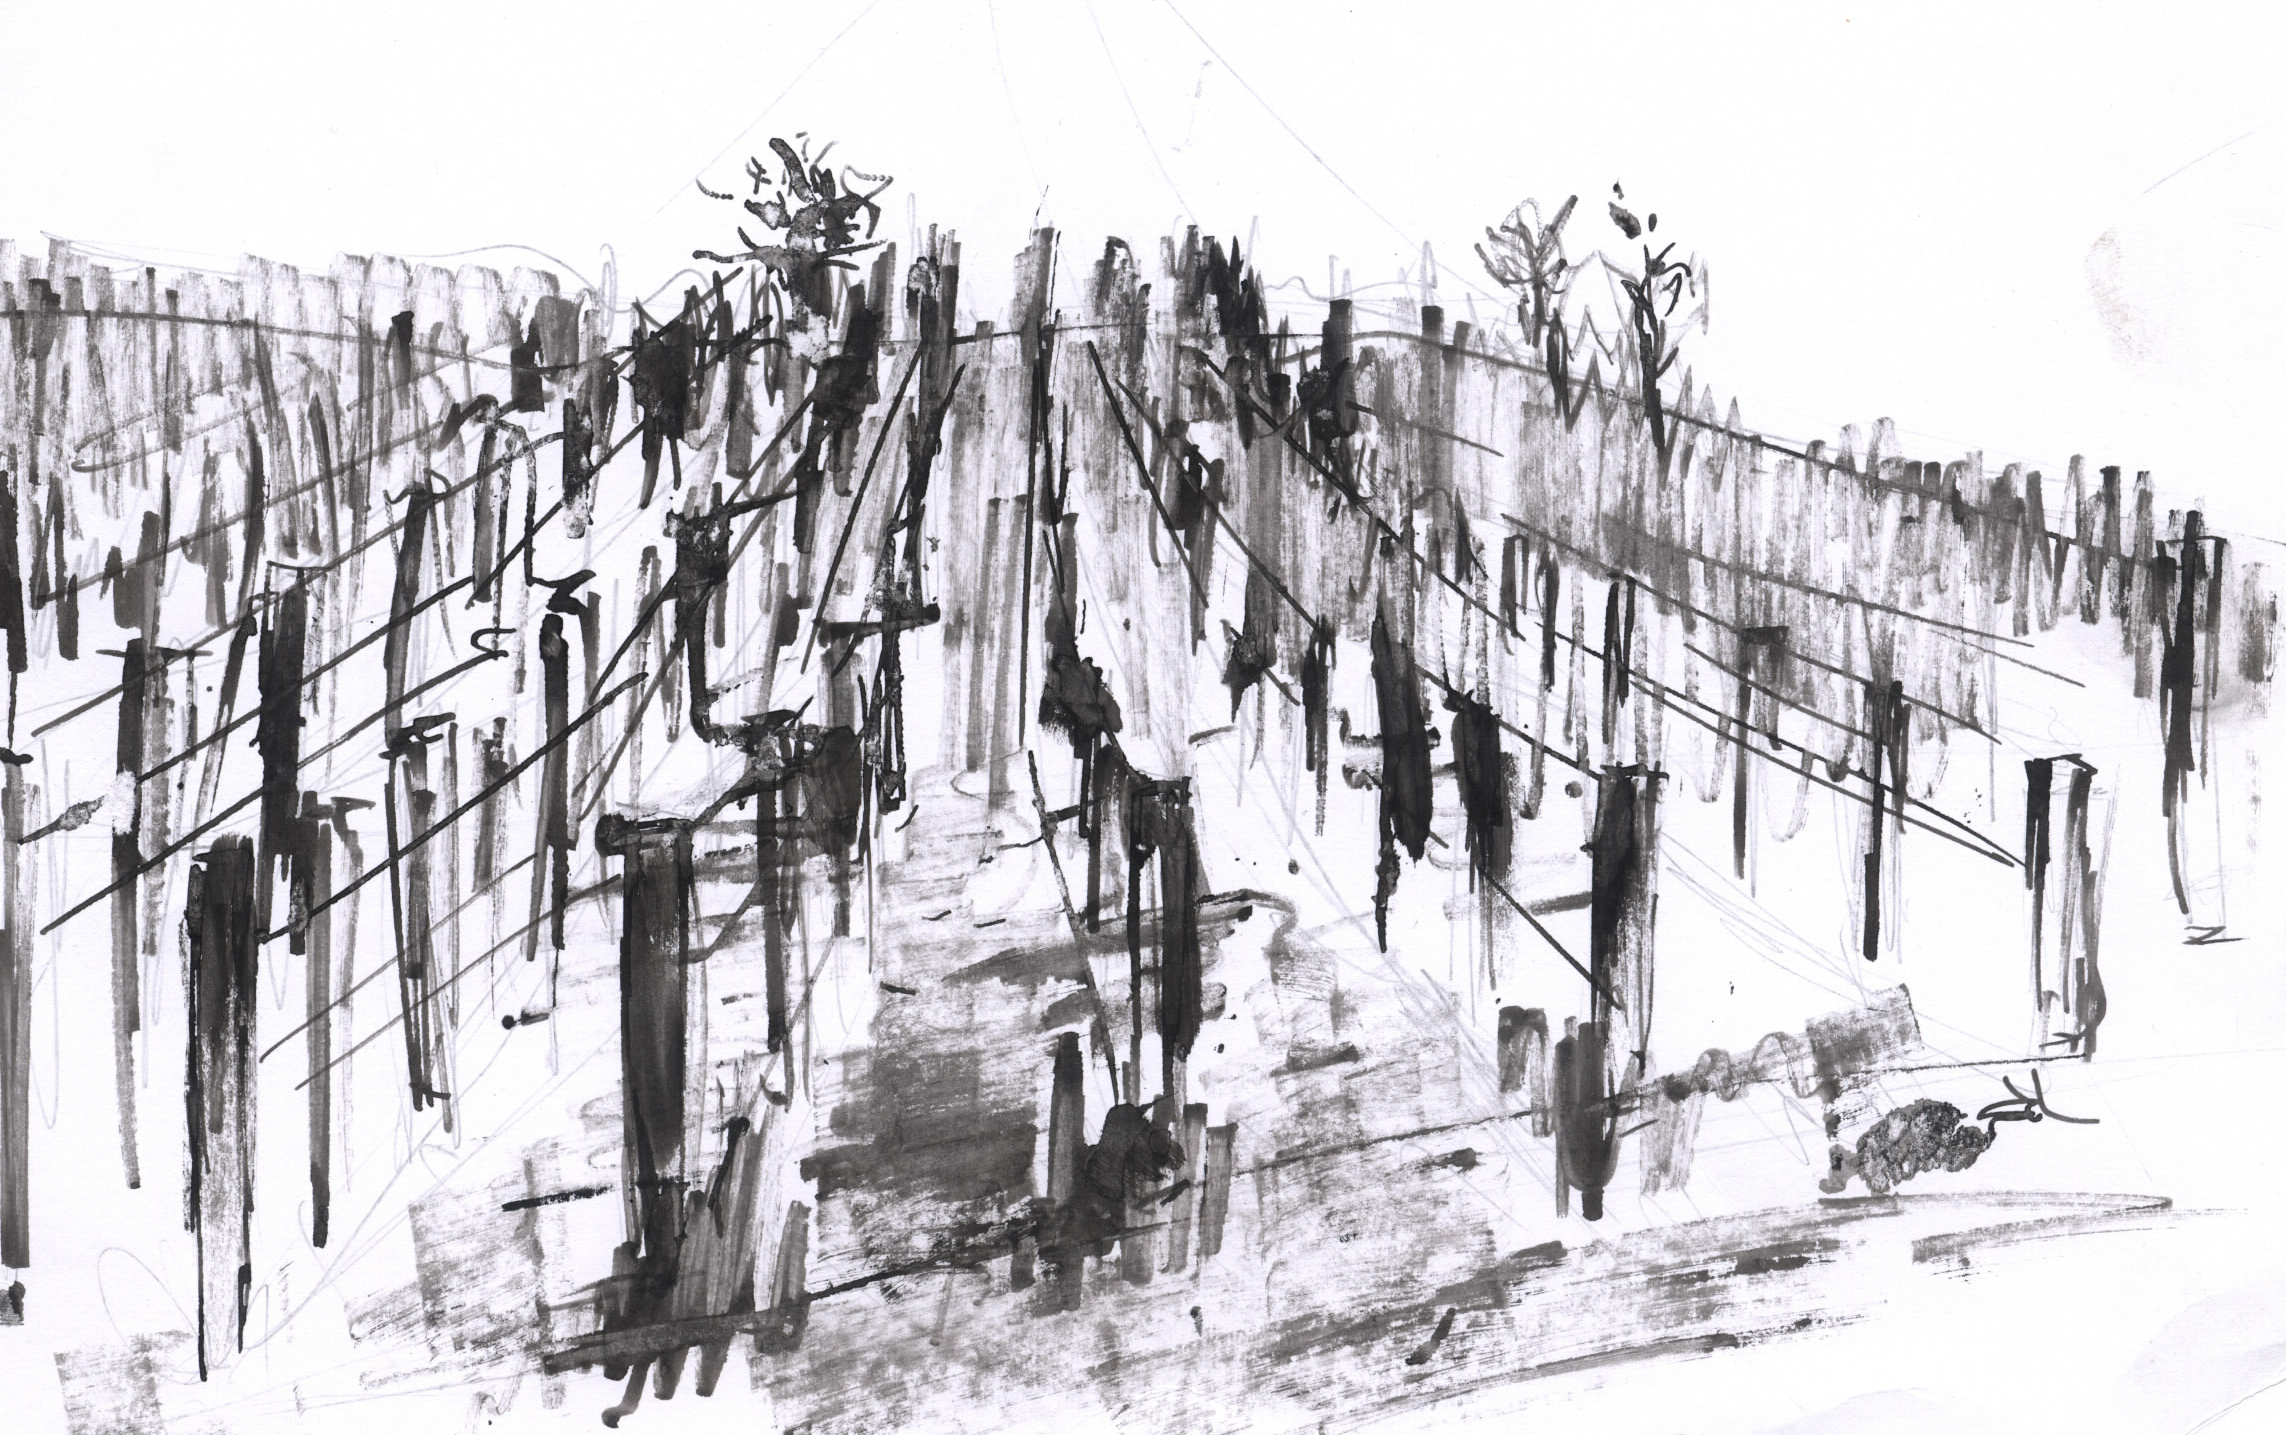 vinice;plátno